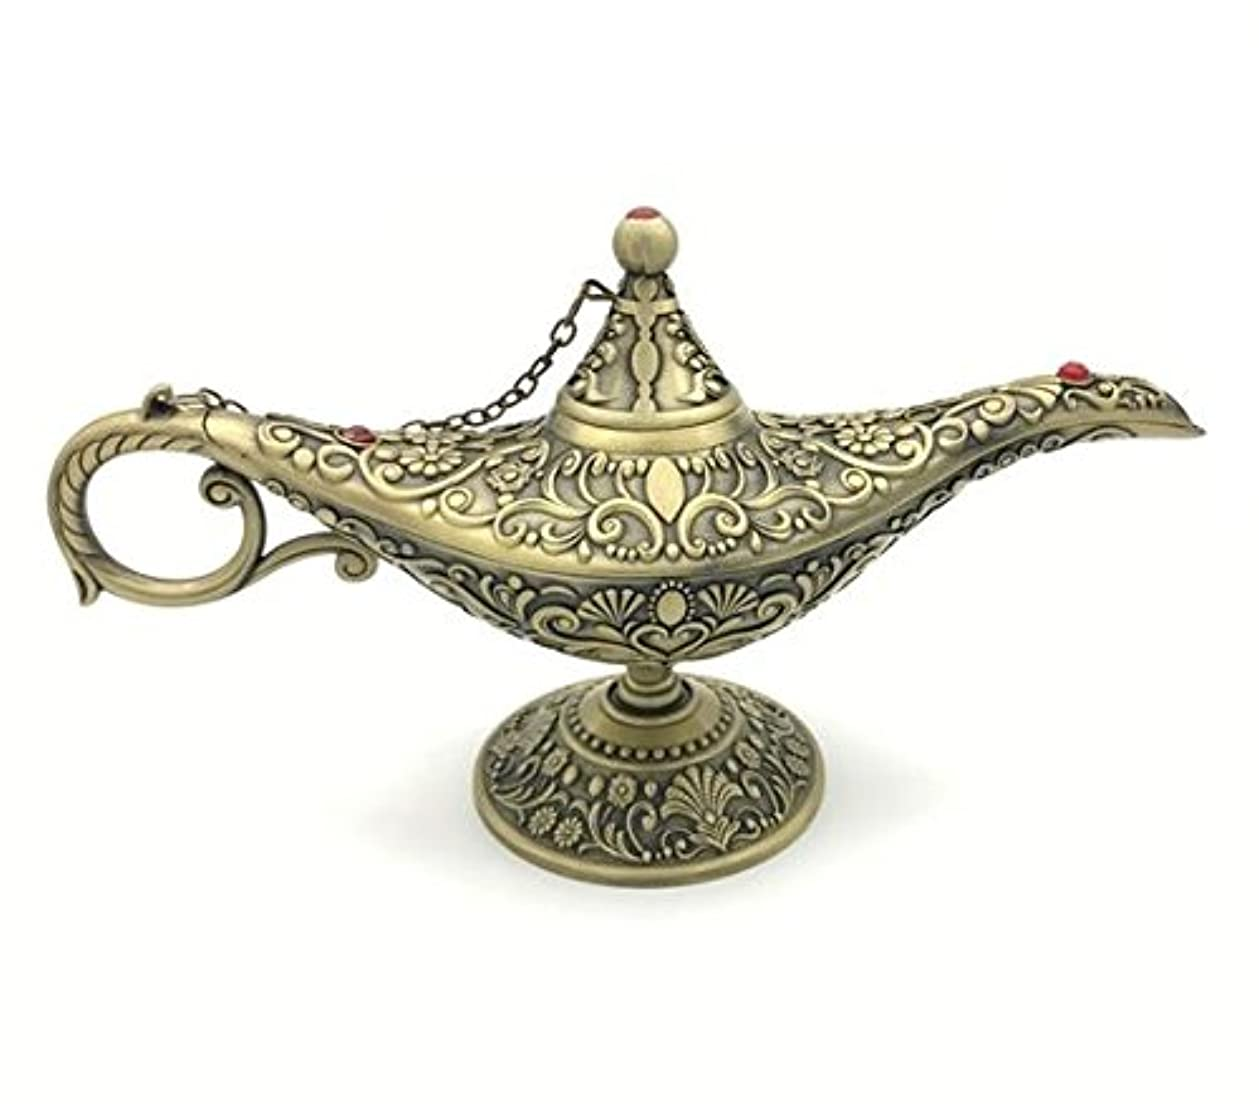 常習的終了しましたドライバWD凡例Aladdin Magic Genie Lamps Incense Burners、Best Holiday Gift銅